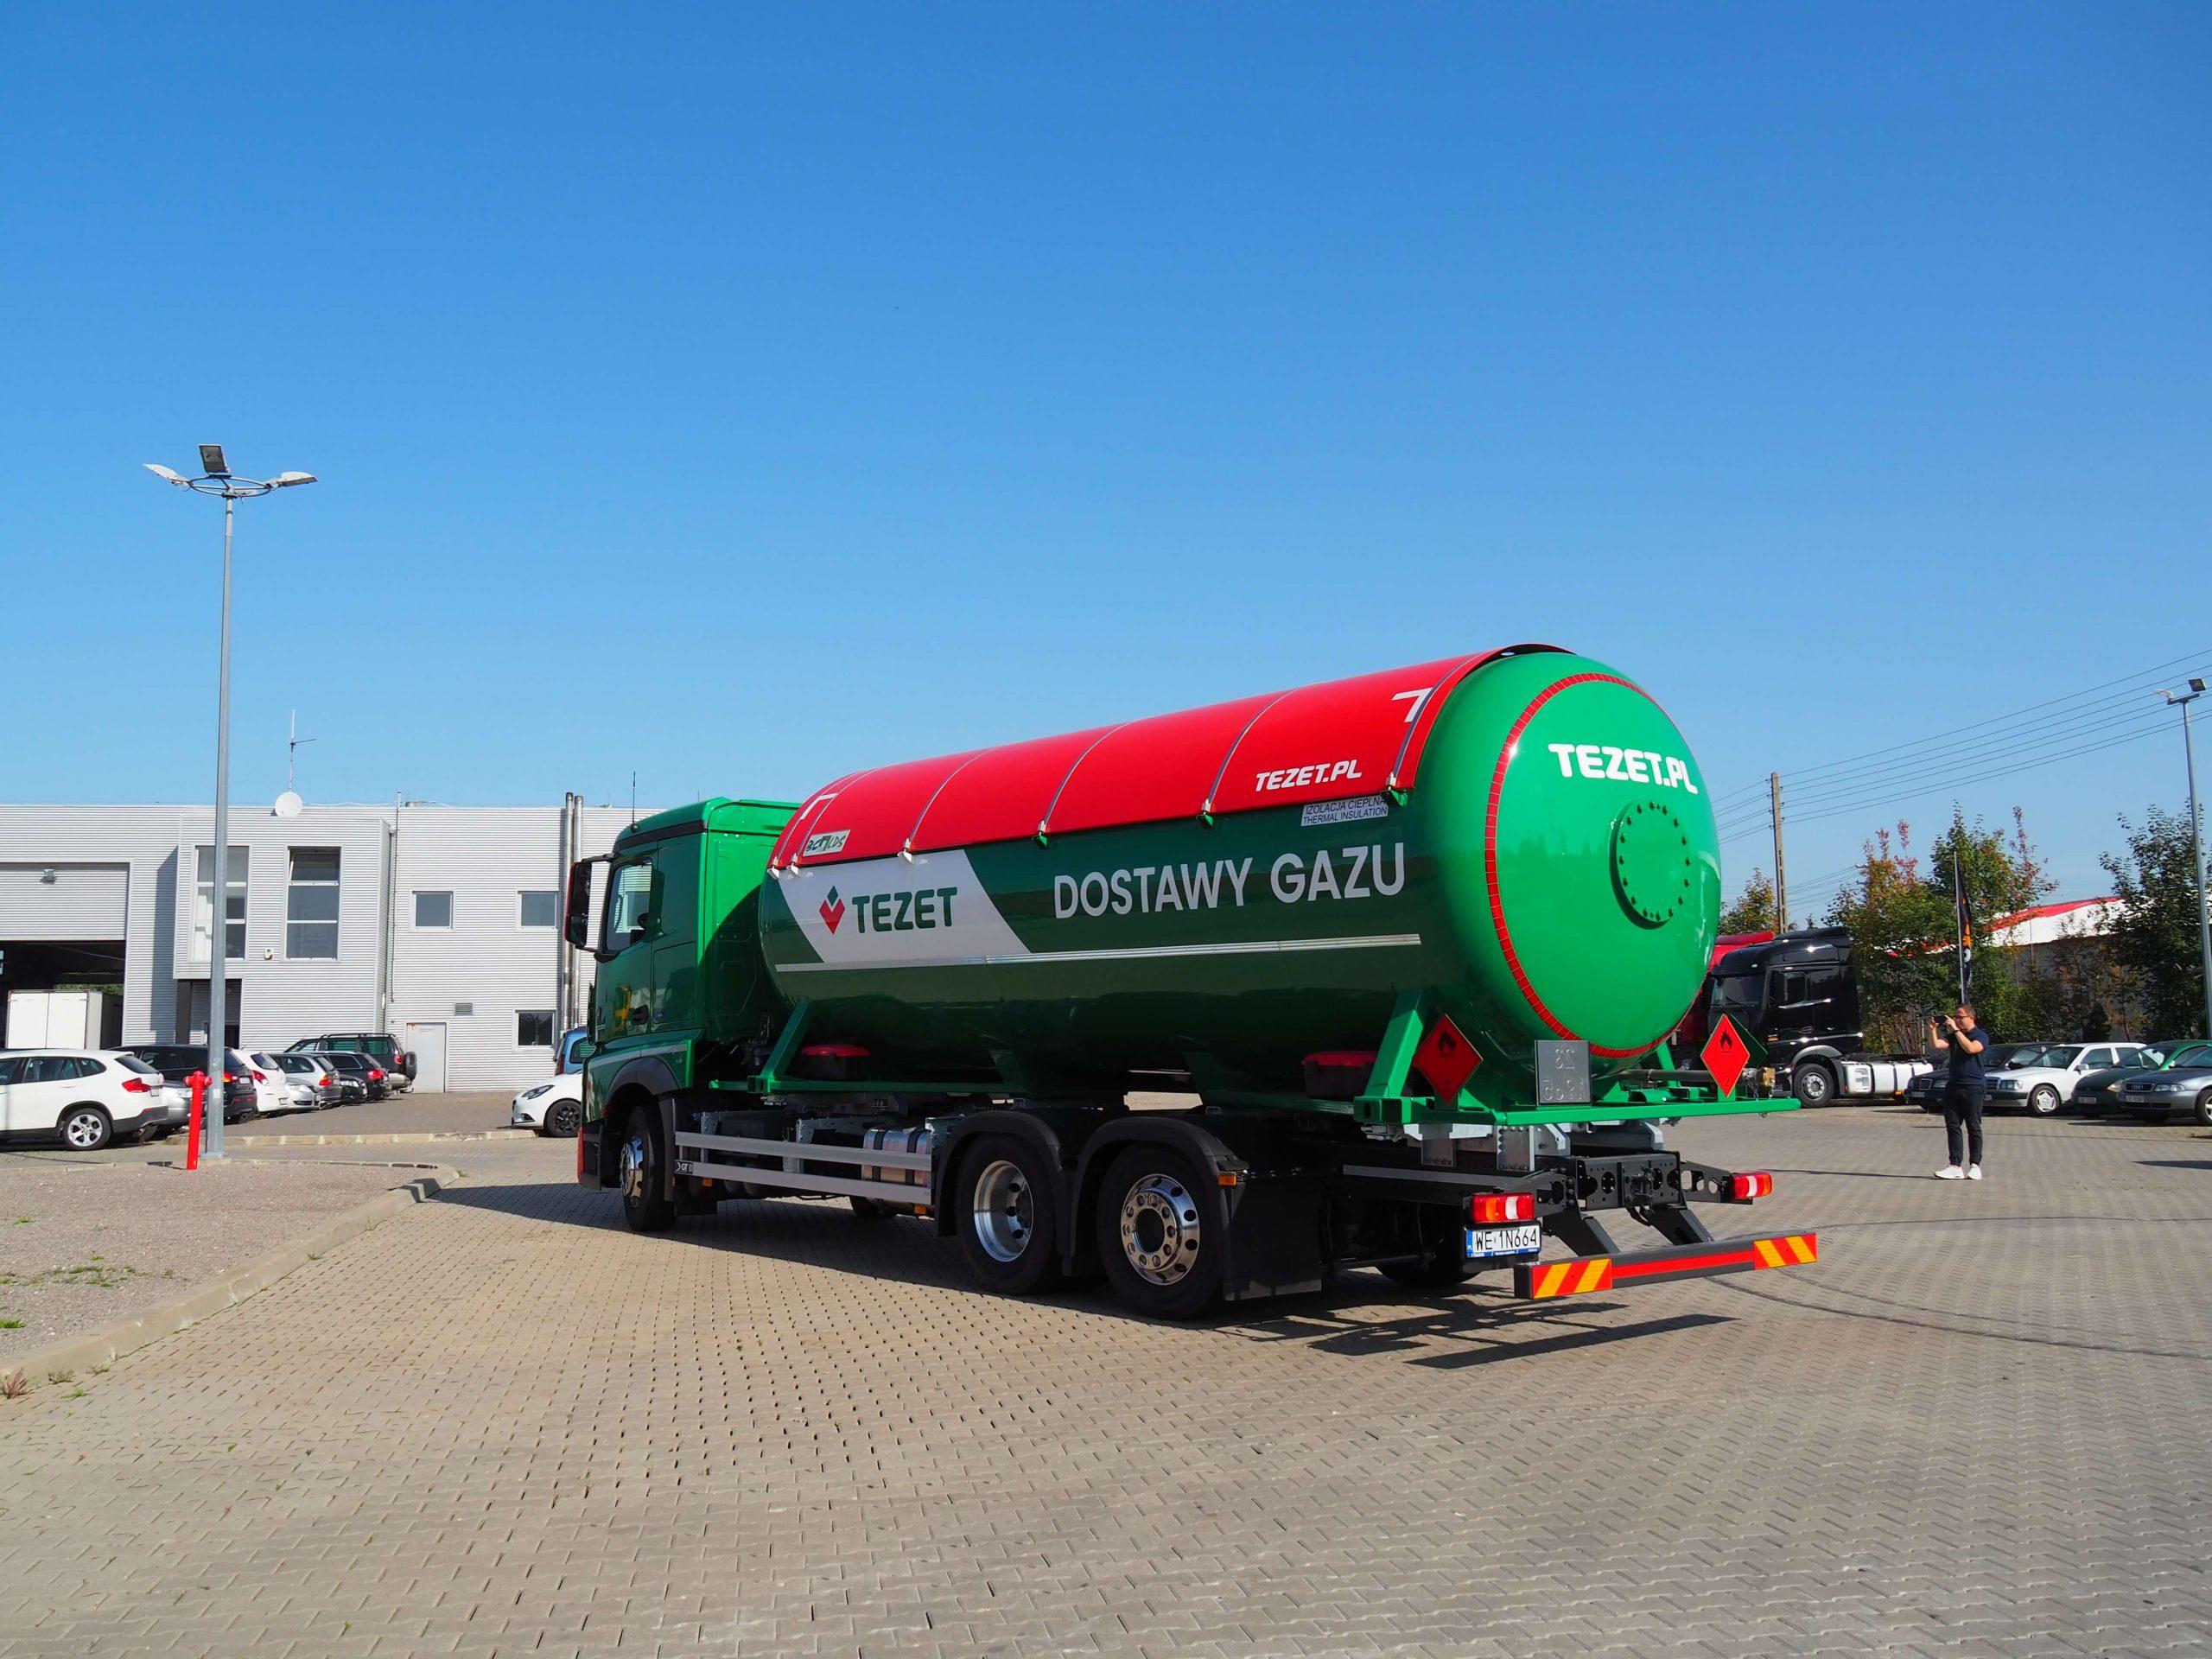 Ciężarówka Tezet na parkingu